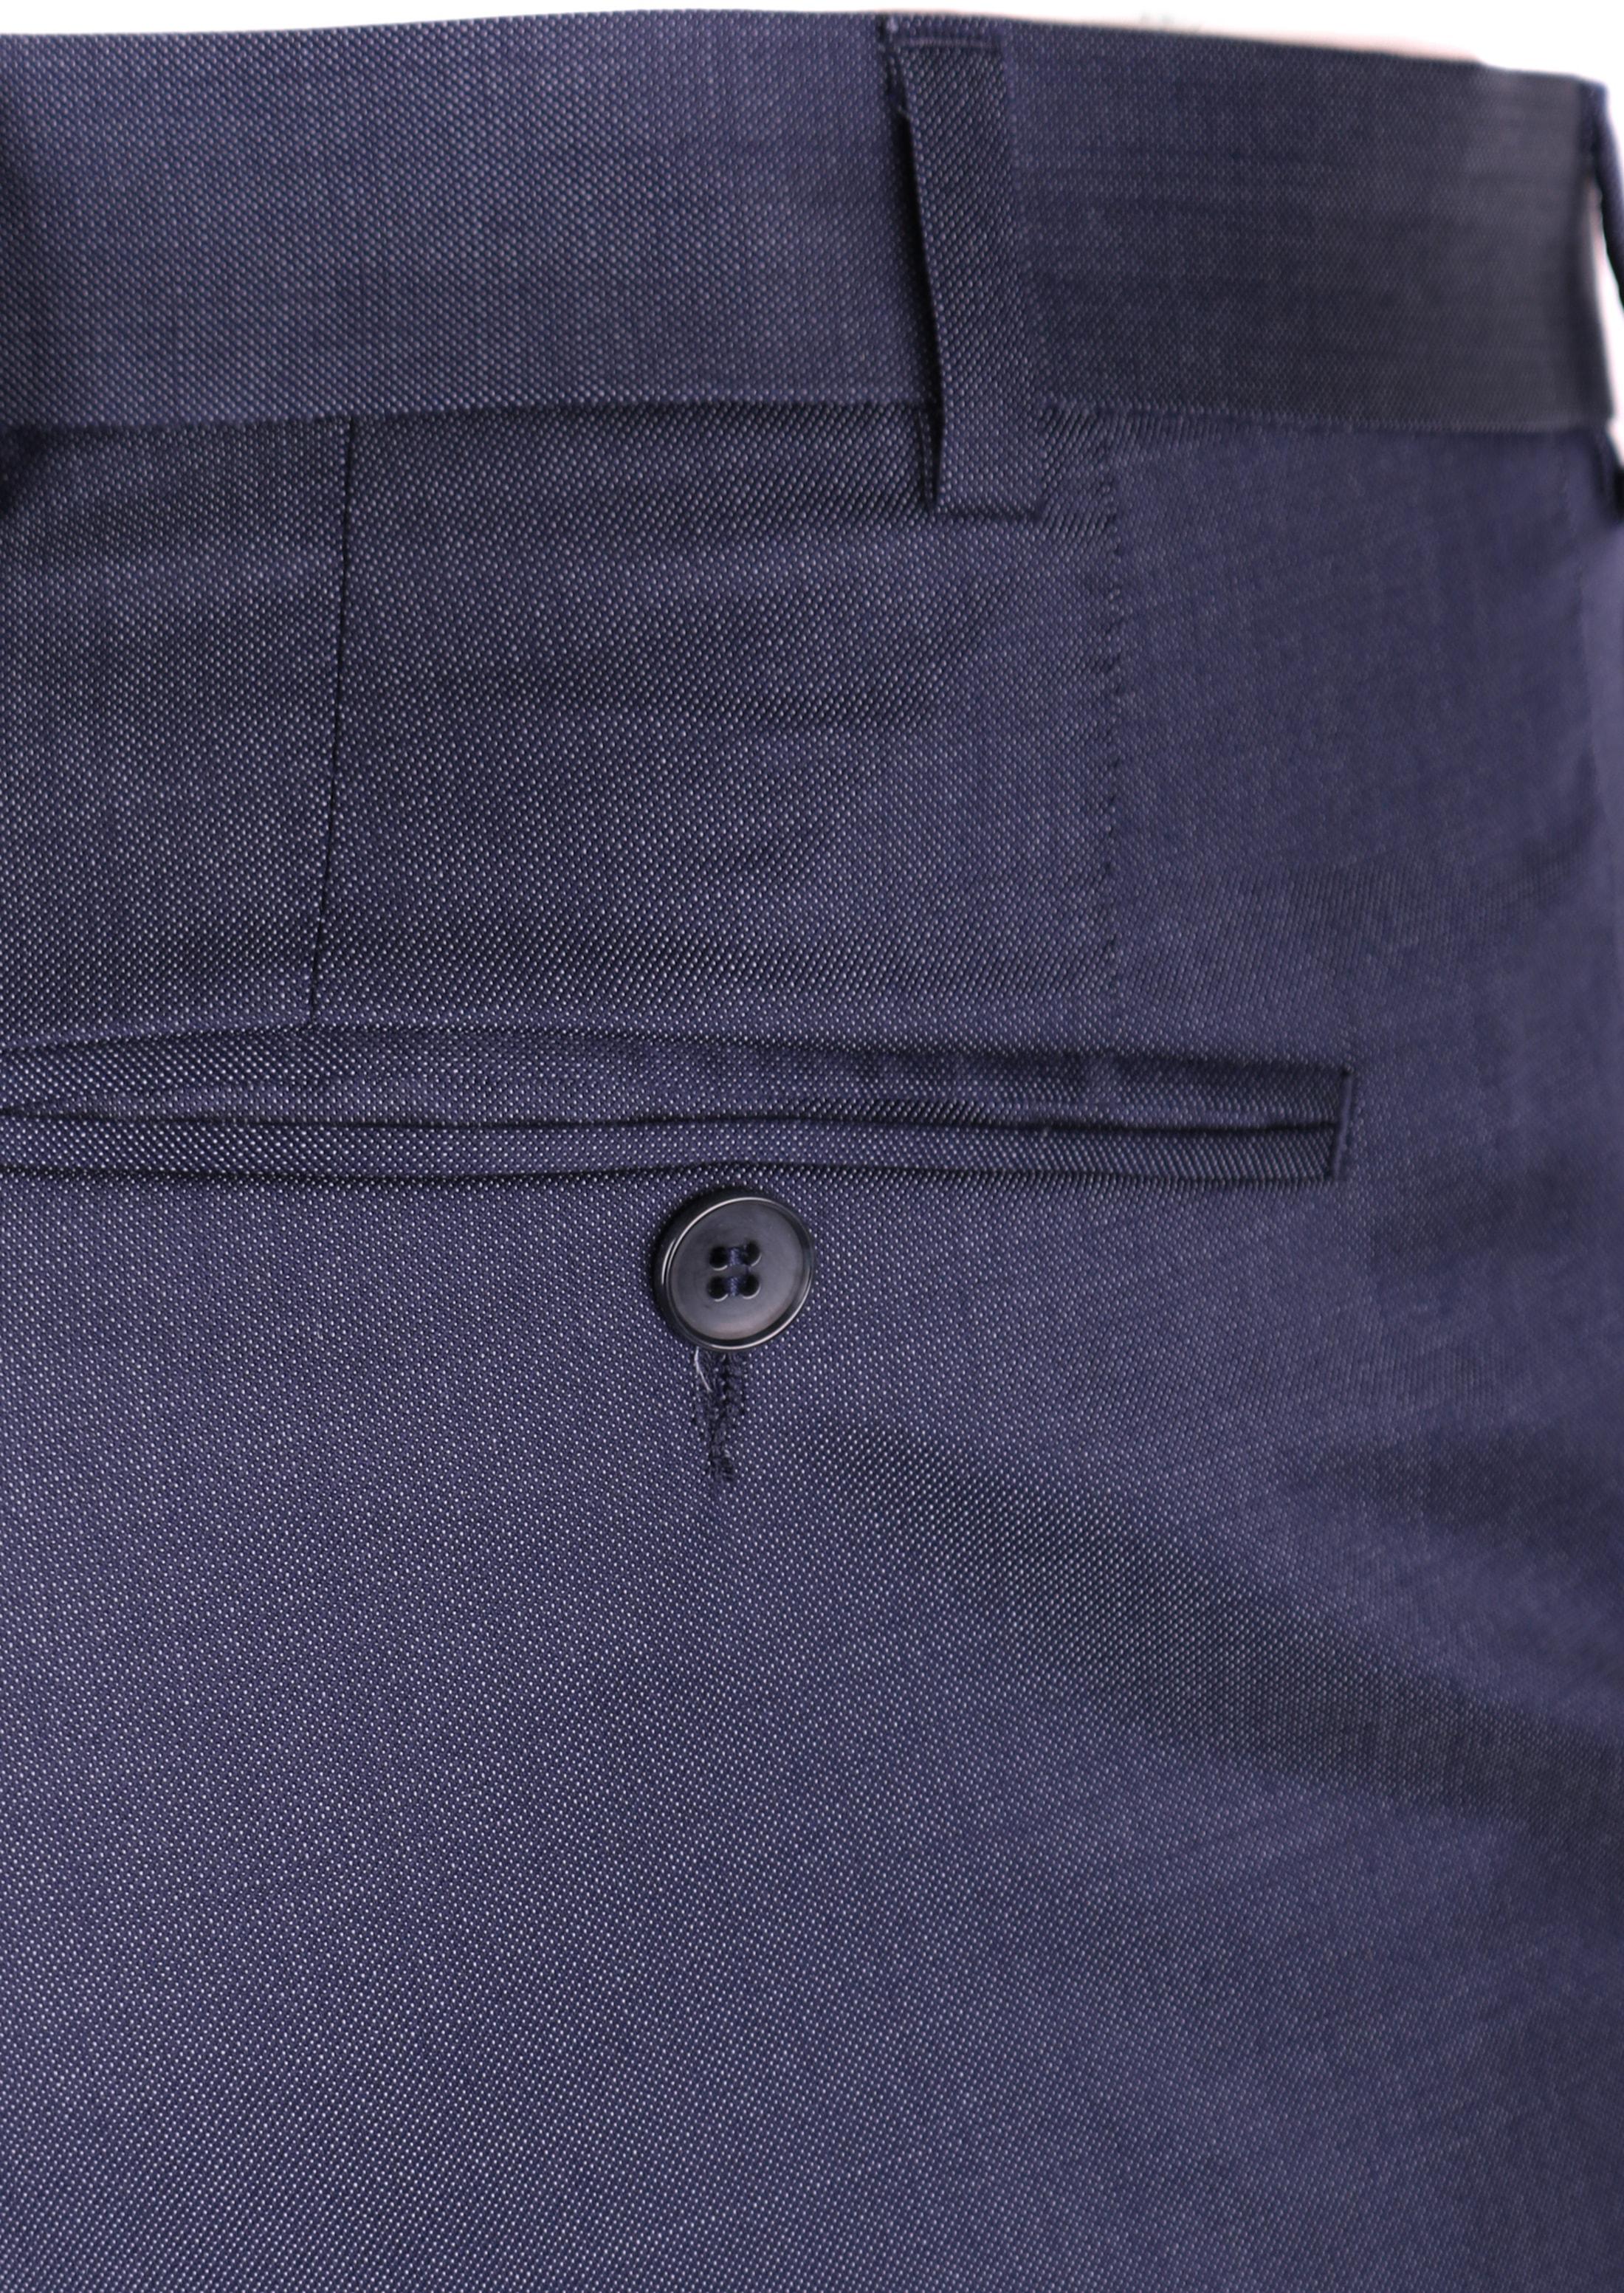 Digel Per Pantalon Donkerblauw foto 4